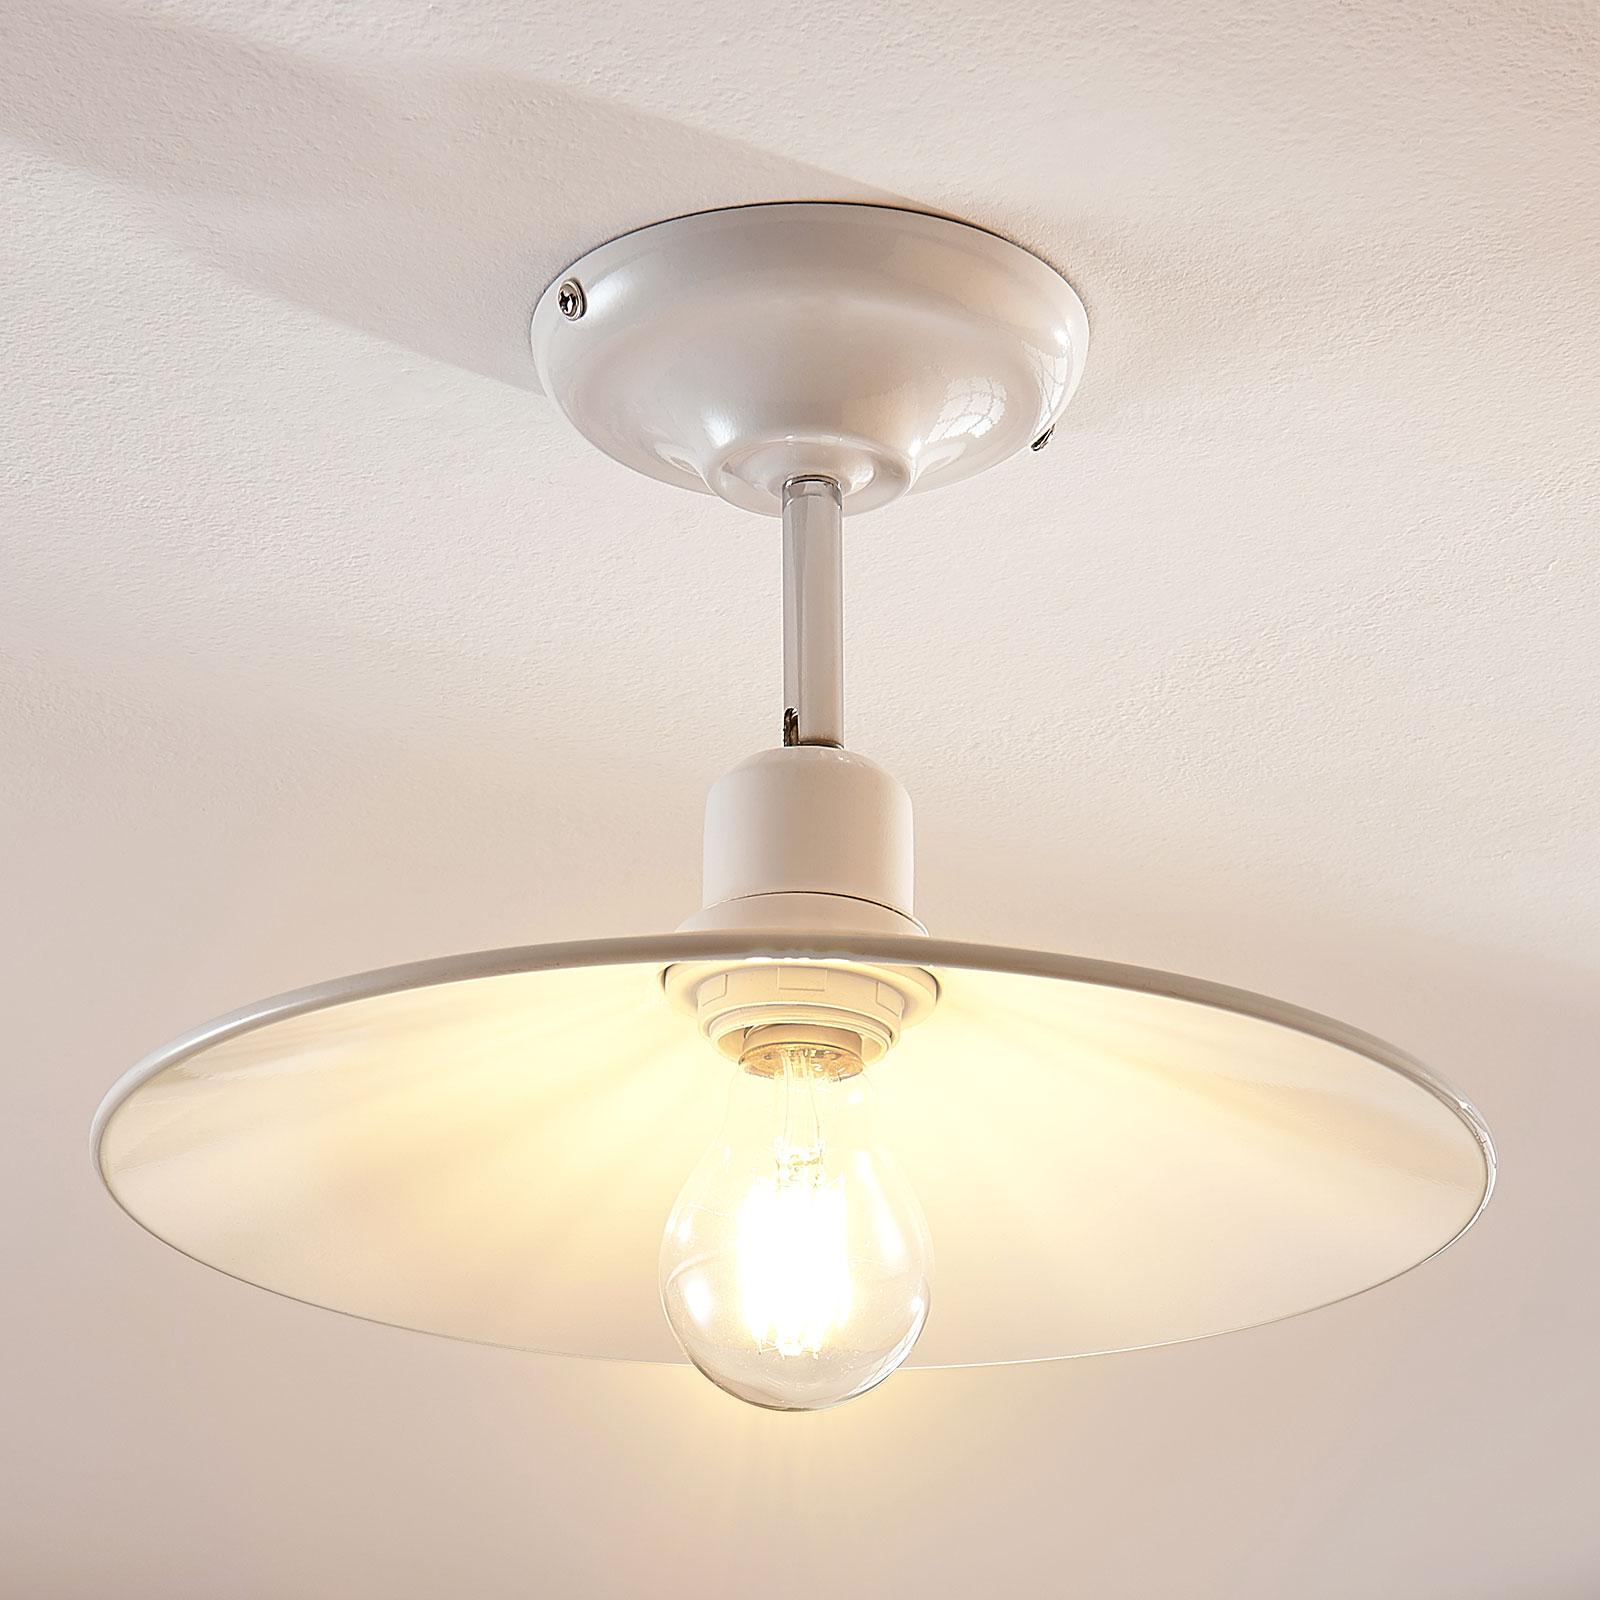 Hvit taklampe i metall Phinea, vintageutseende